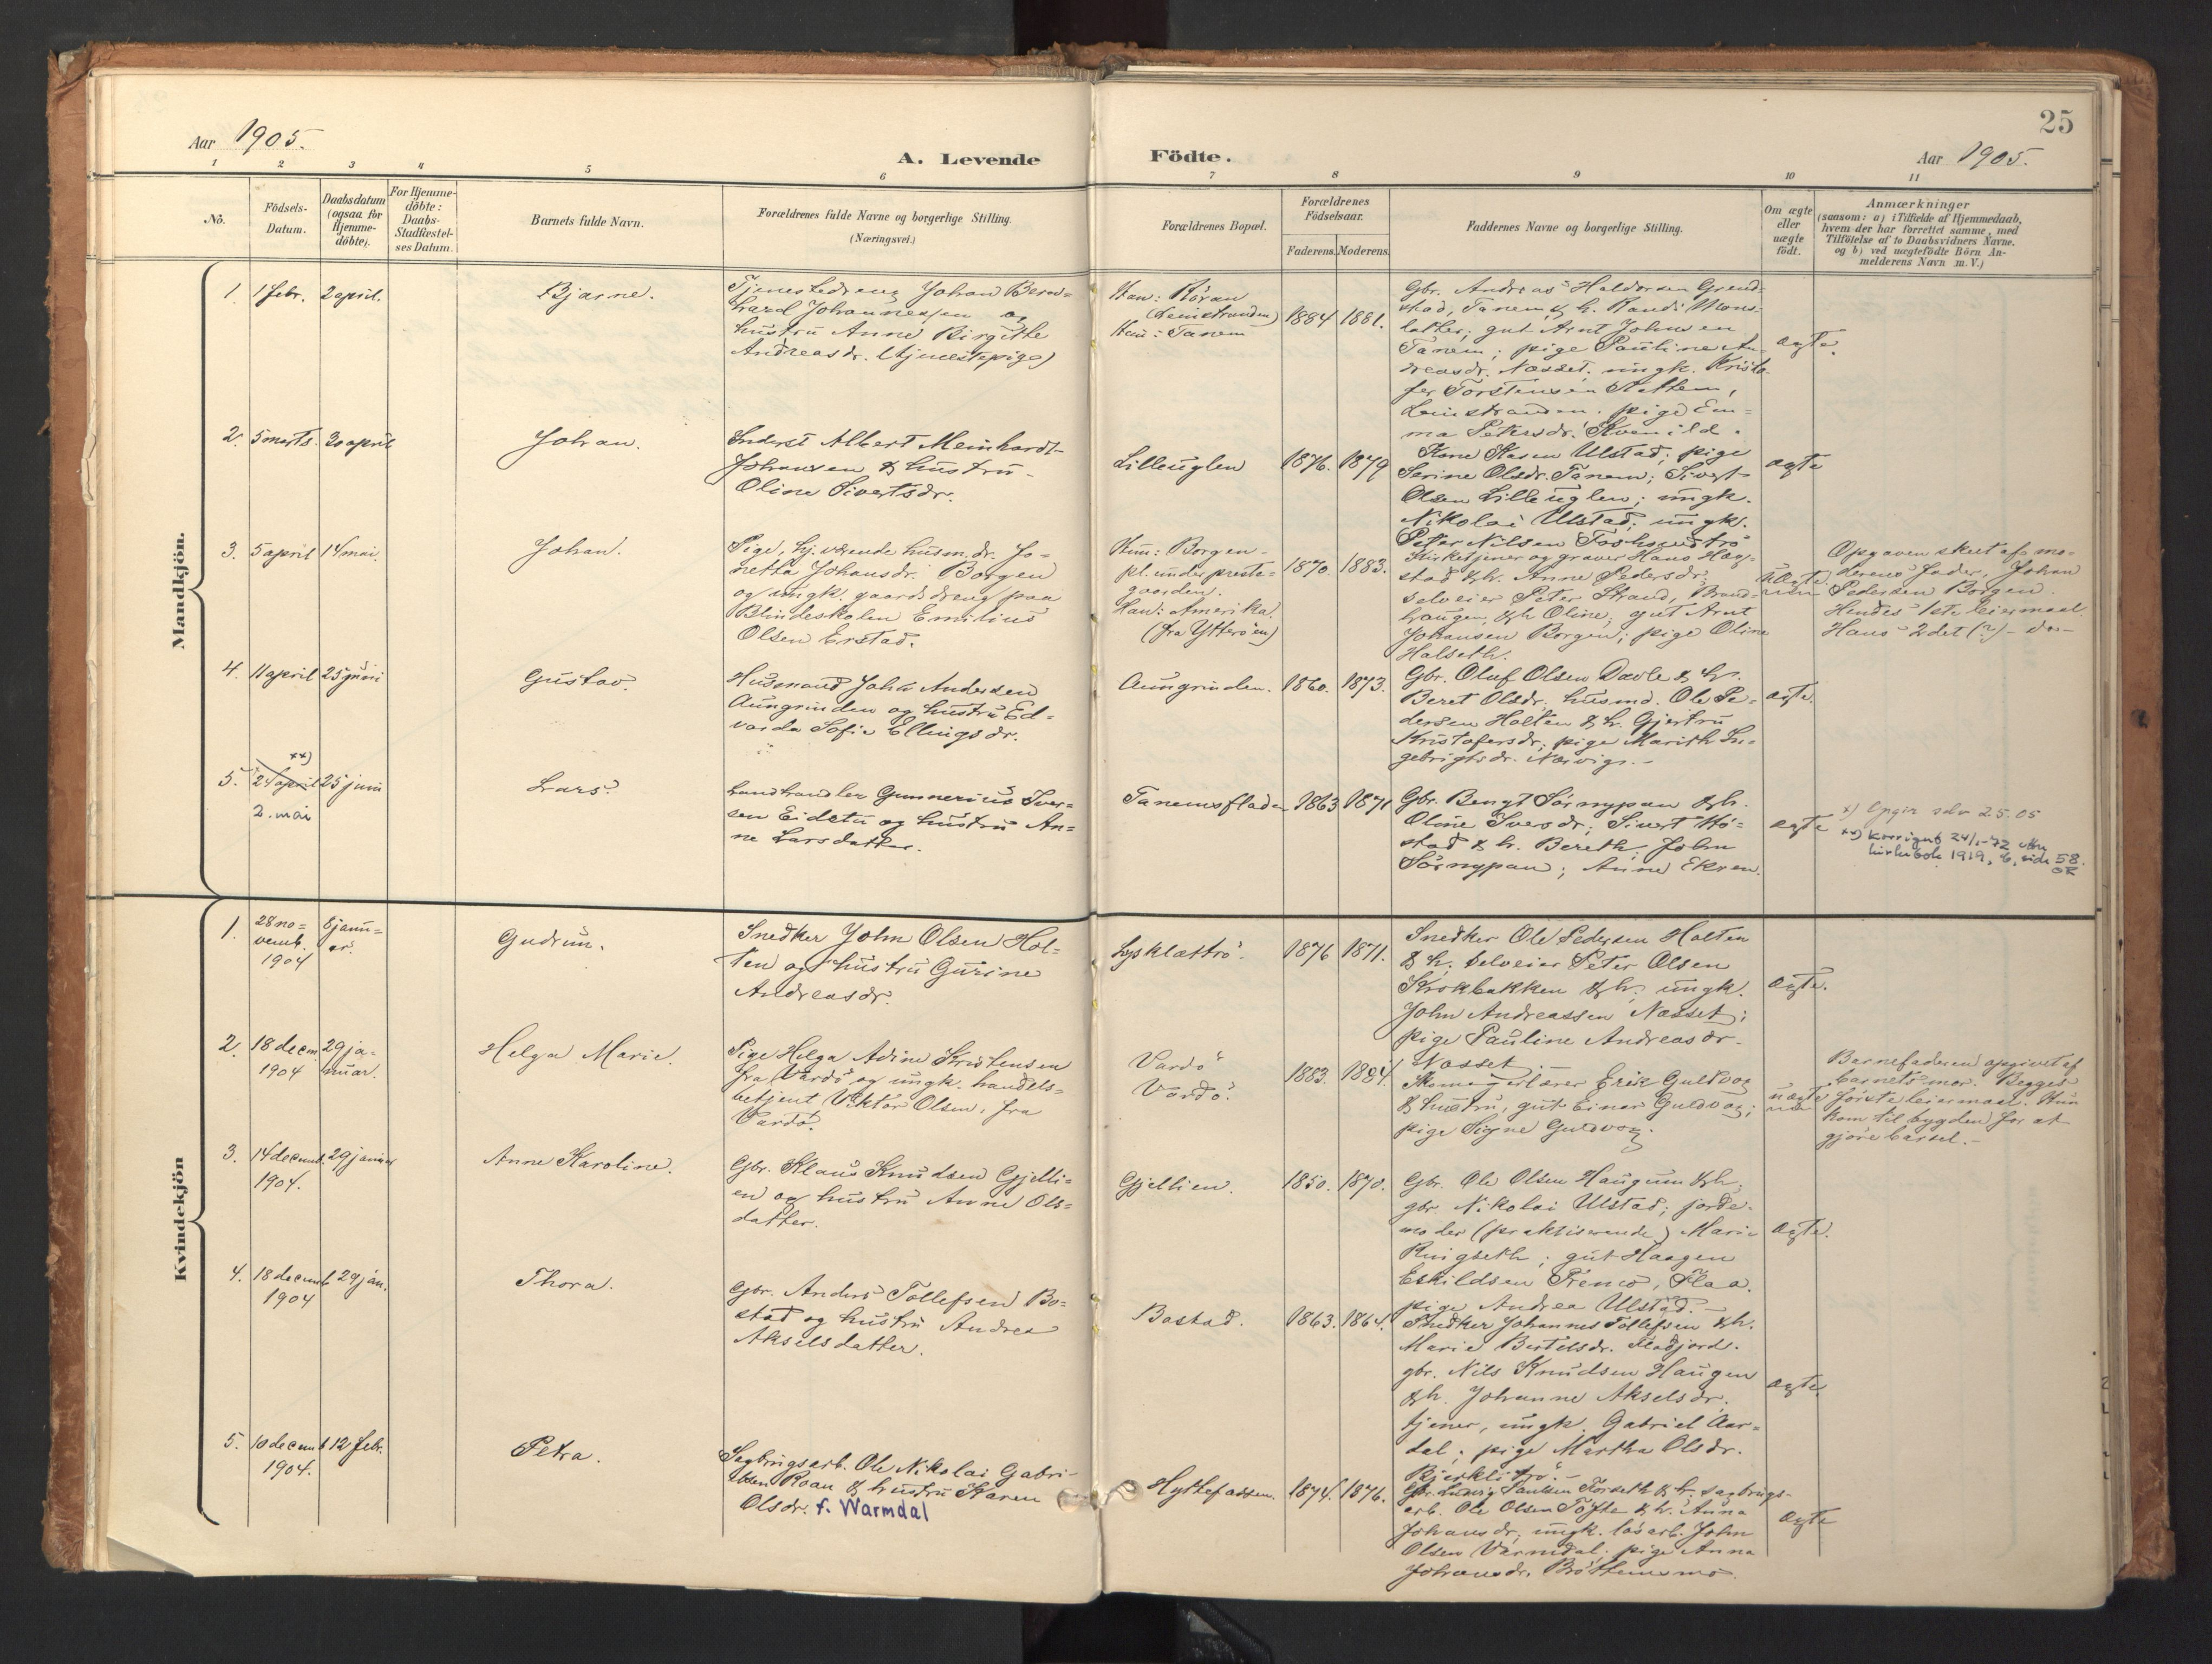 SAT, Ministerialprotokoller, klokkerbøker og fødselsregistre - Sør-Trøndelag, 618/L0448: Ministerialbok nr. 618A11, 1898-1916, s. 25